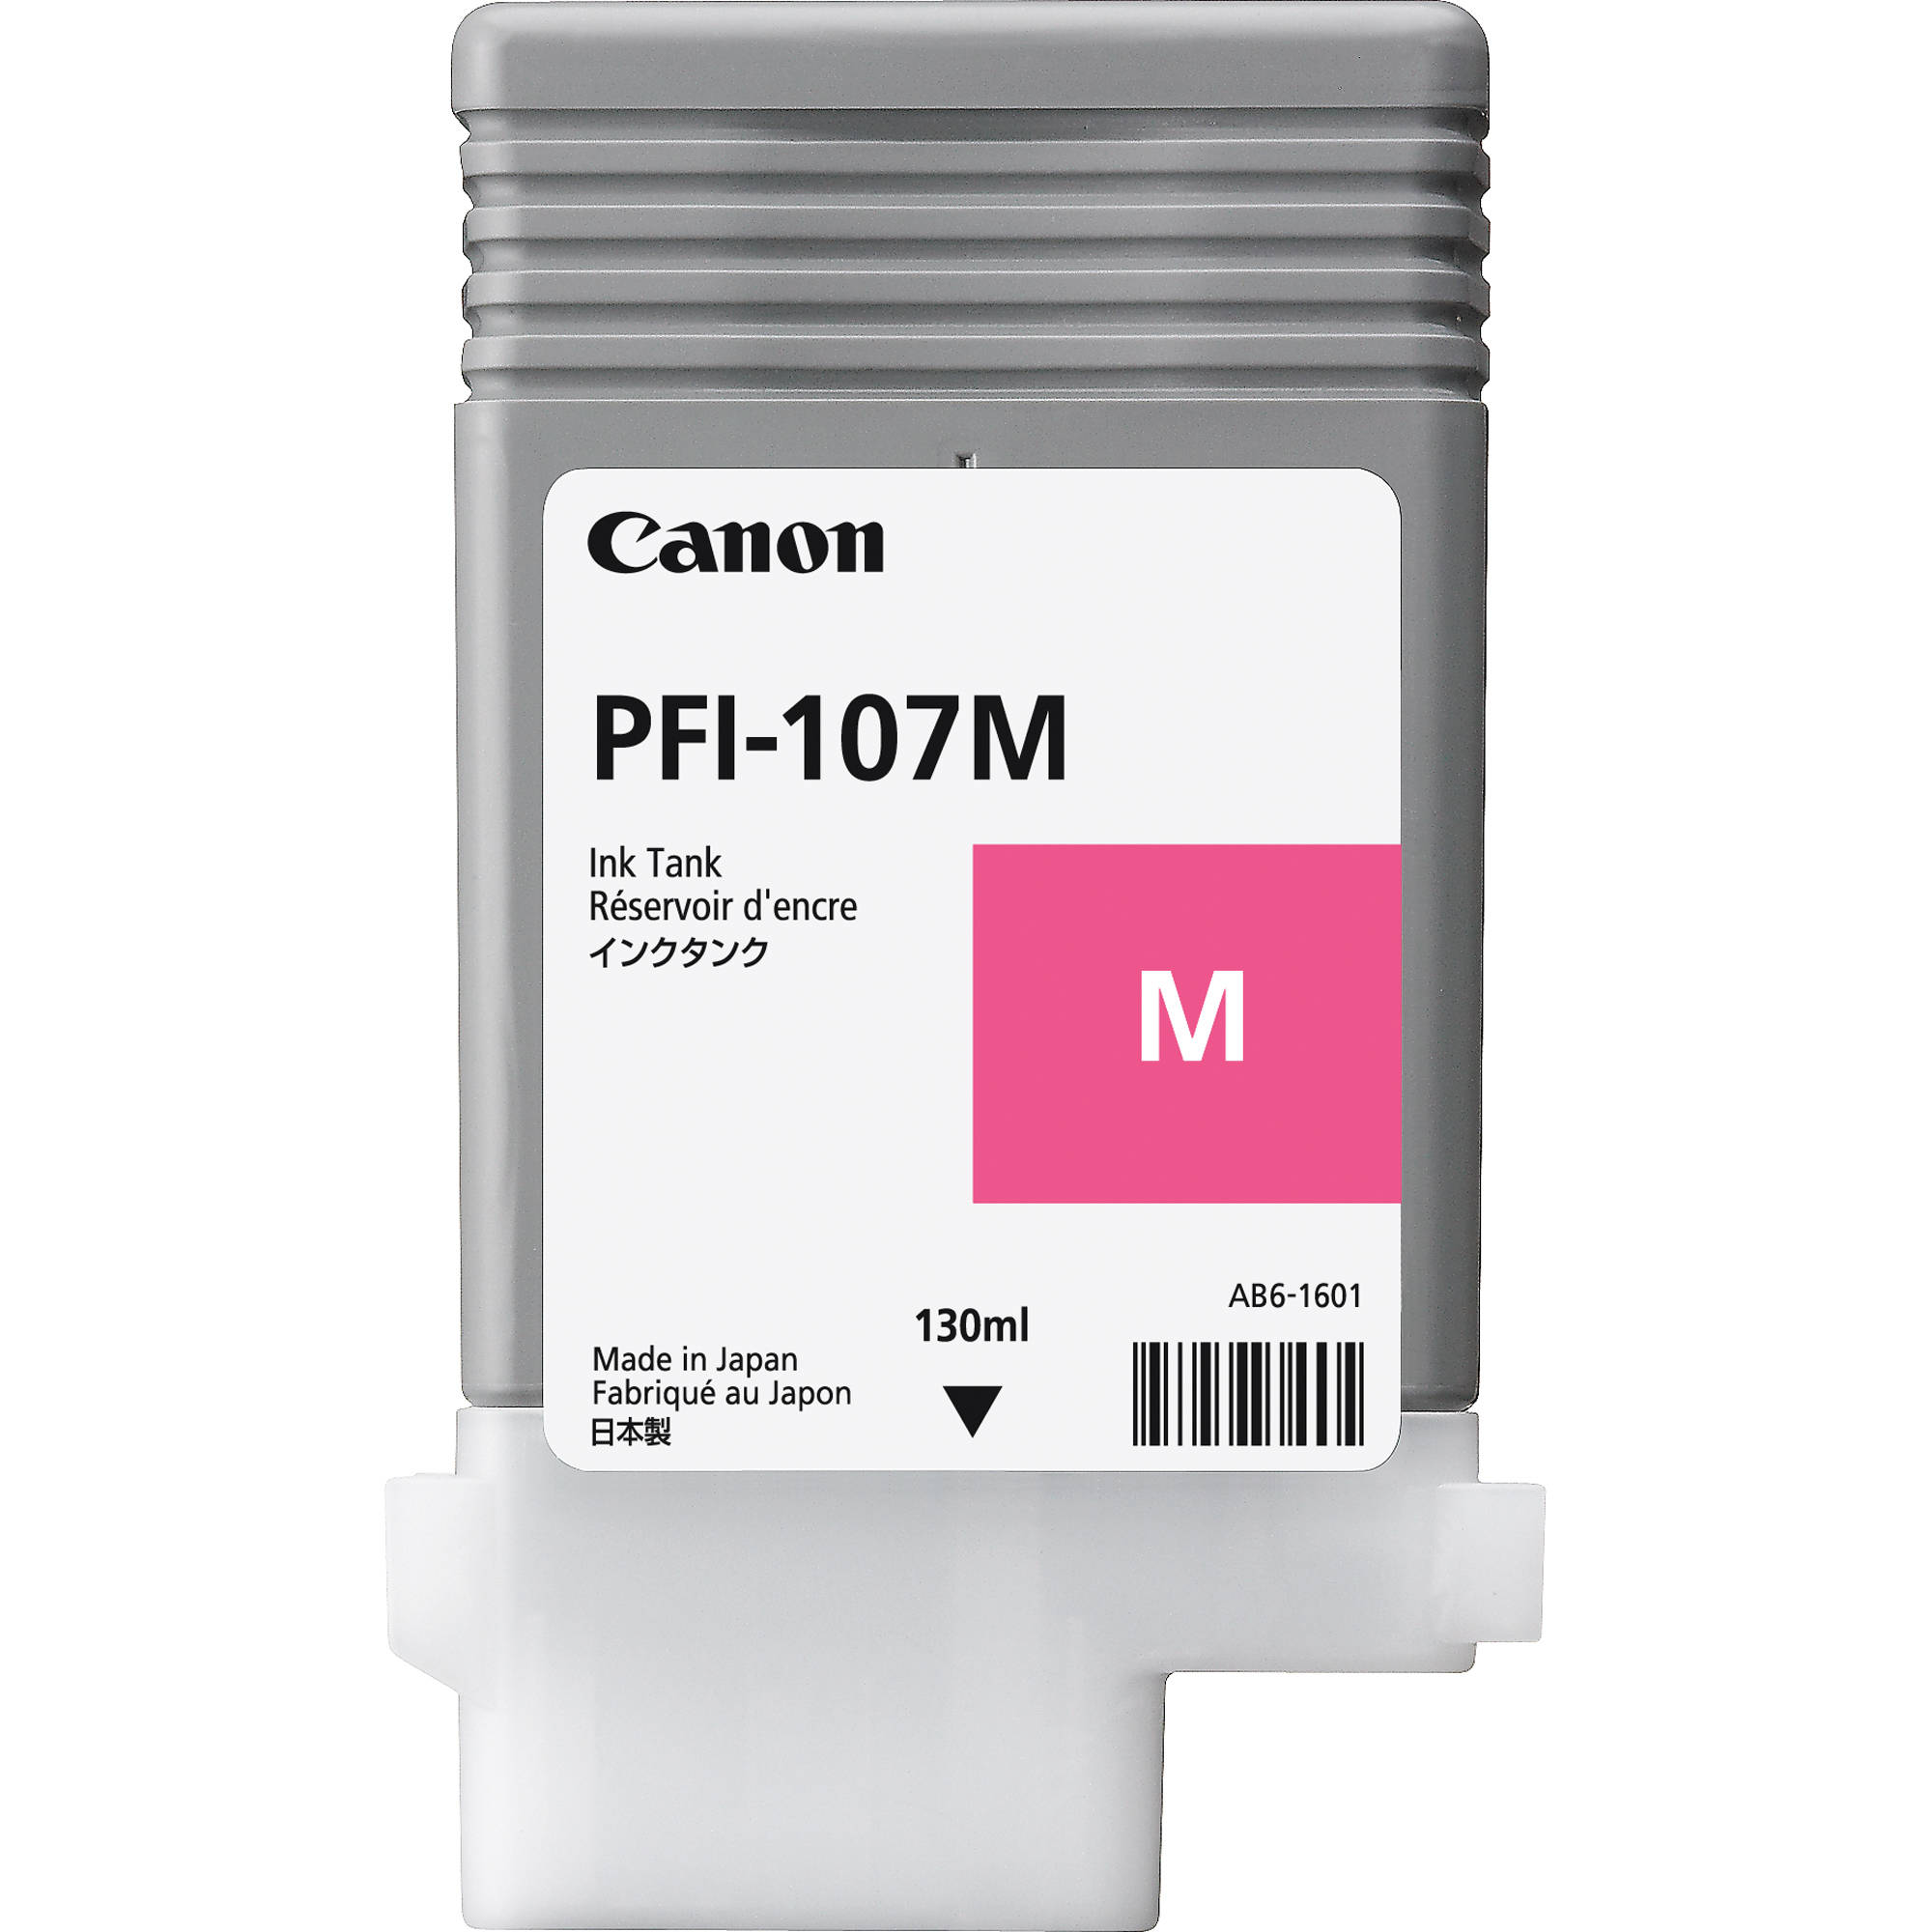 CANON CARTUCHO PLOTTER  PFI-107M MAGENTA IPF670/770/780  - Info Paraná